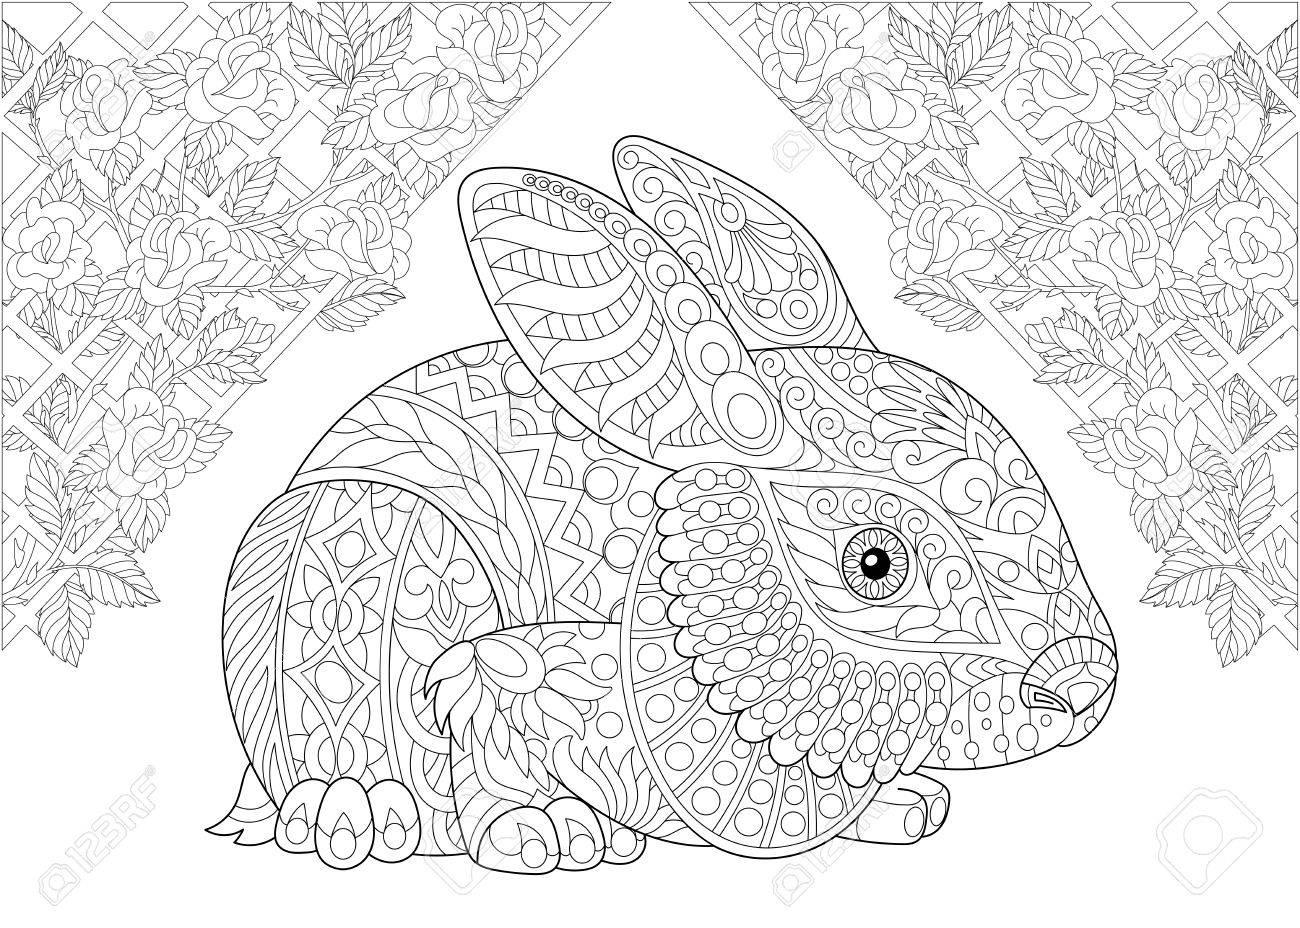 Dibujo Para Colorear. Conejo Del País De Las Maravillas Y Flores ...